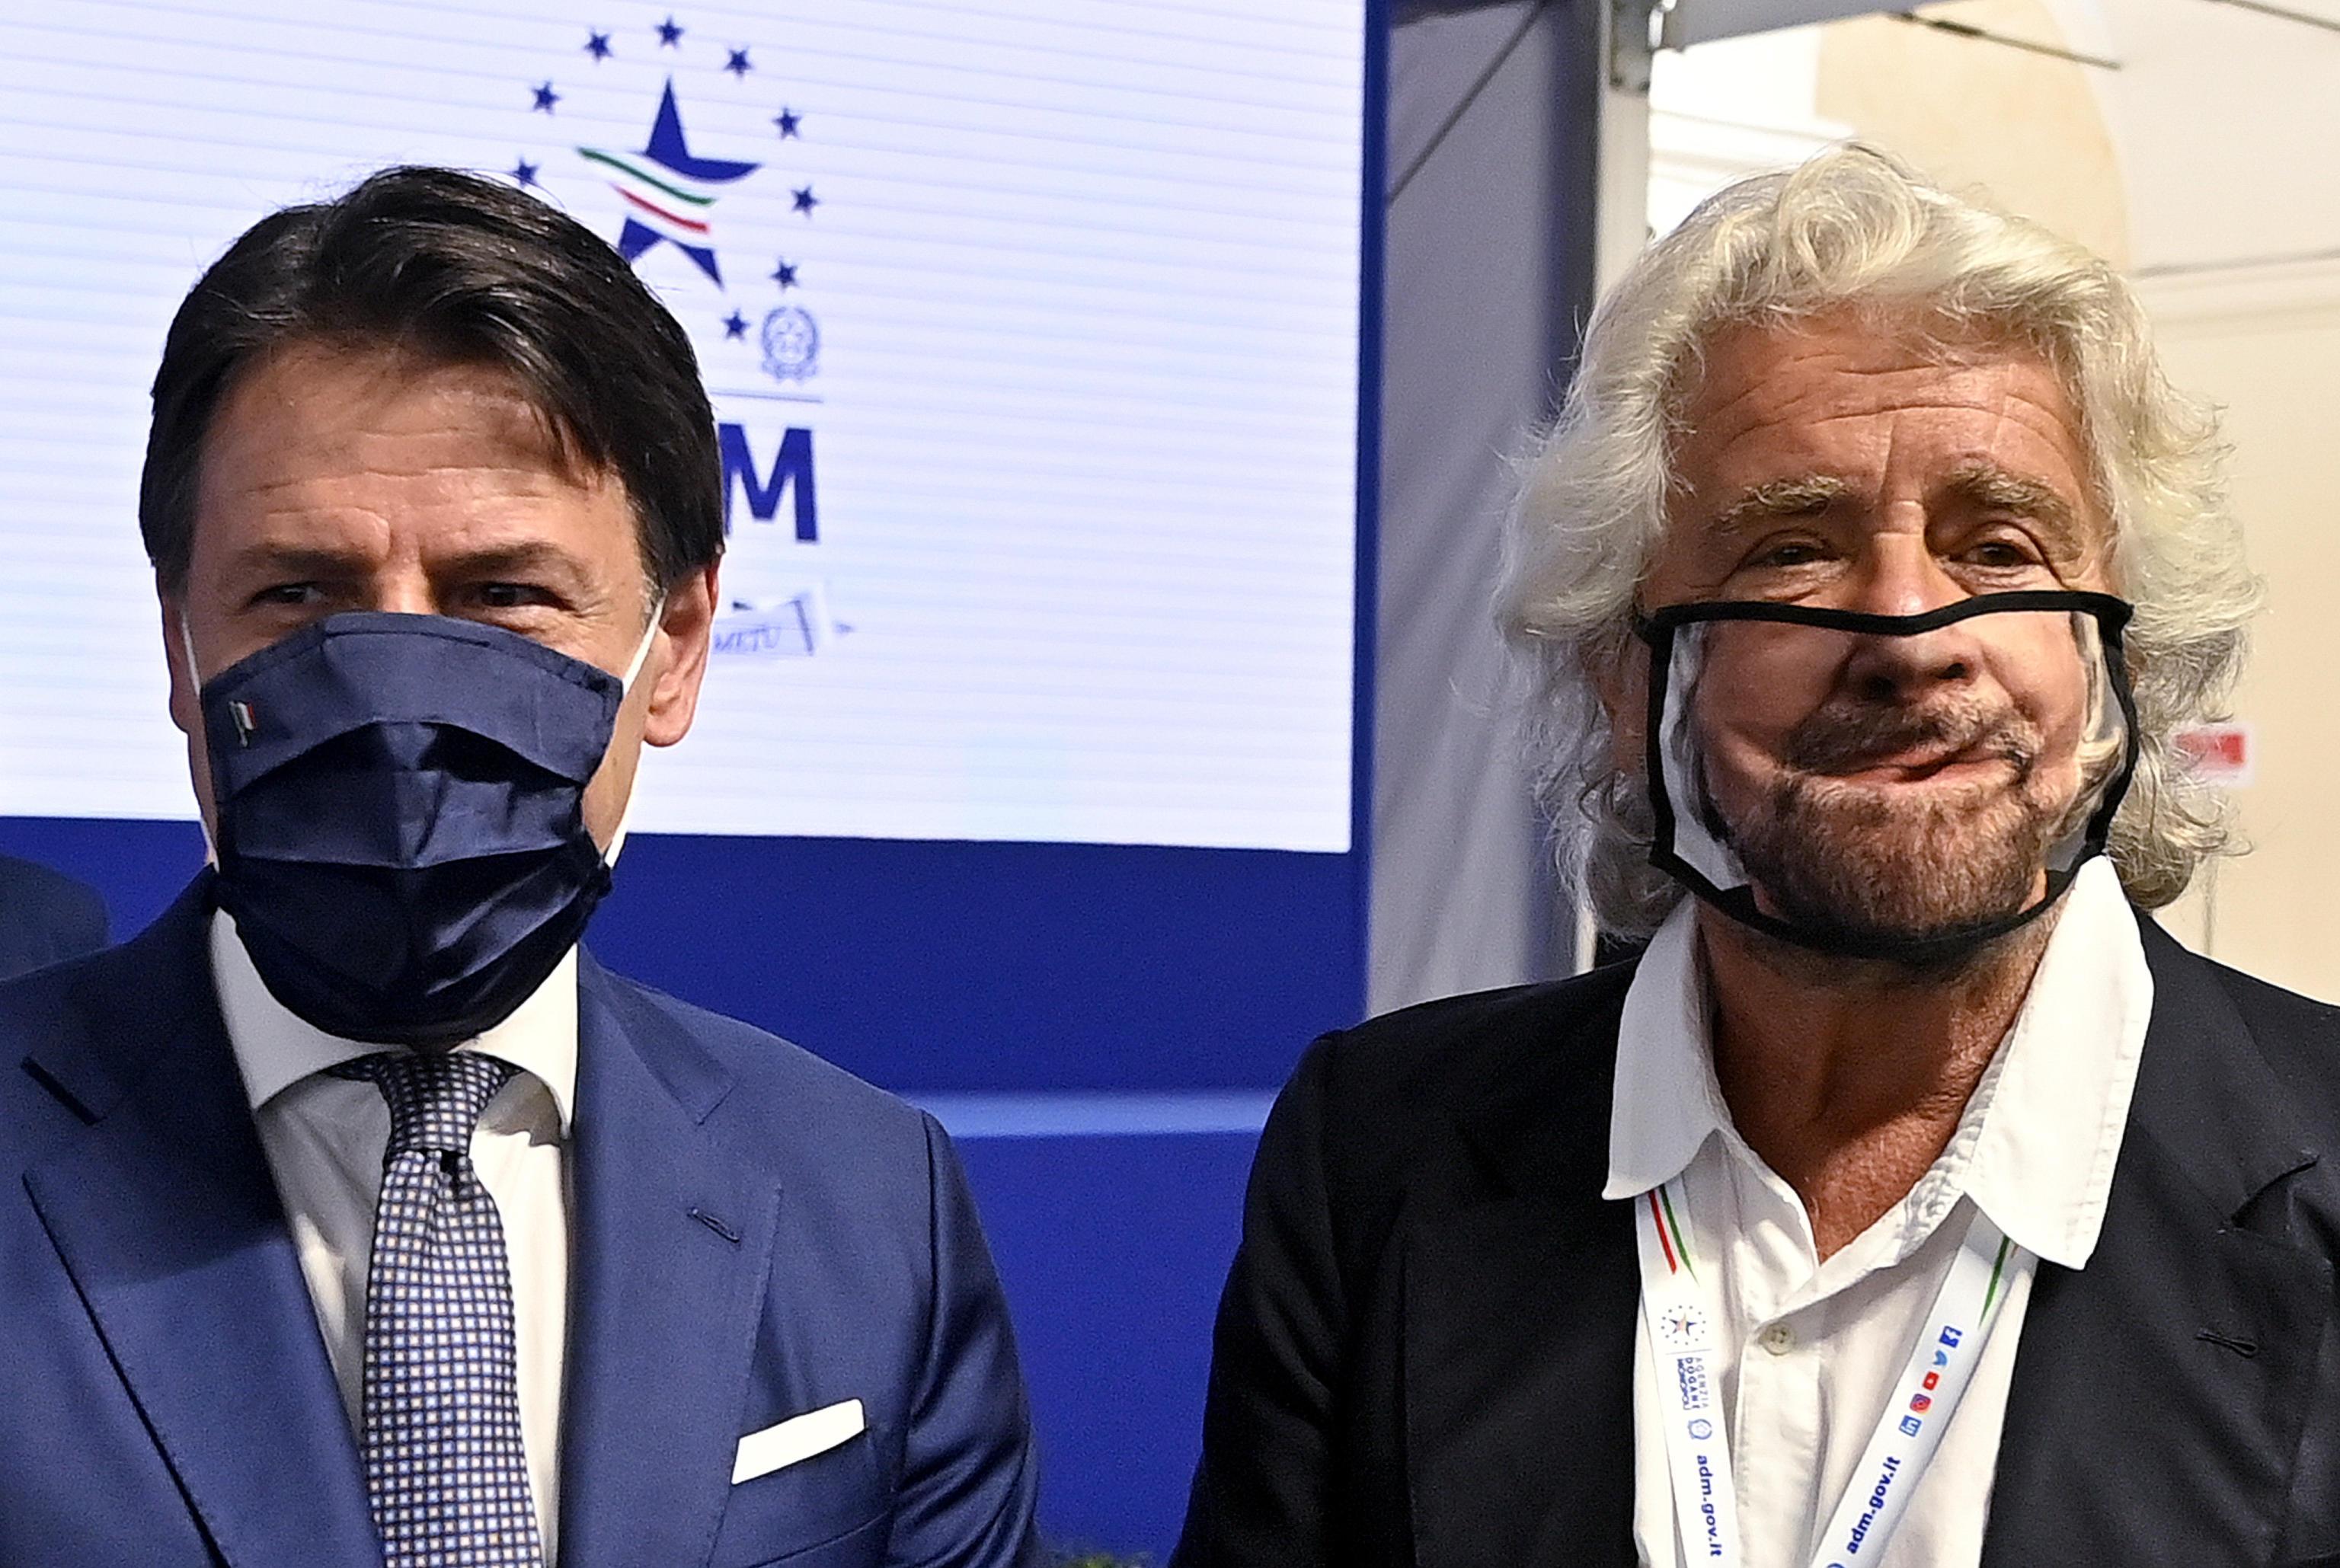 Sondaggi, con Giuseppe Conte leader il M5s salirebbe al 22% e il Pd scenderebbe al 14,2%, perdendo oltre 4 punti